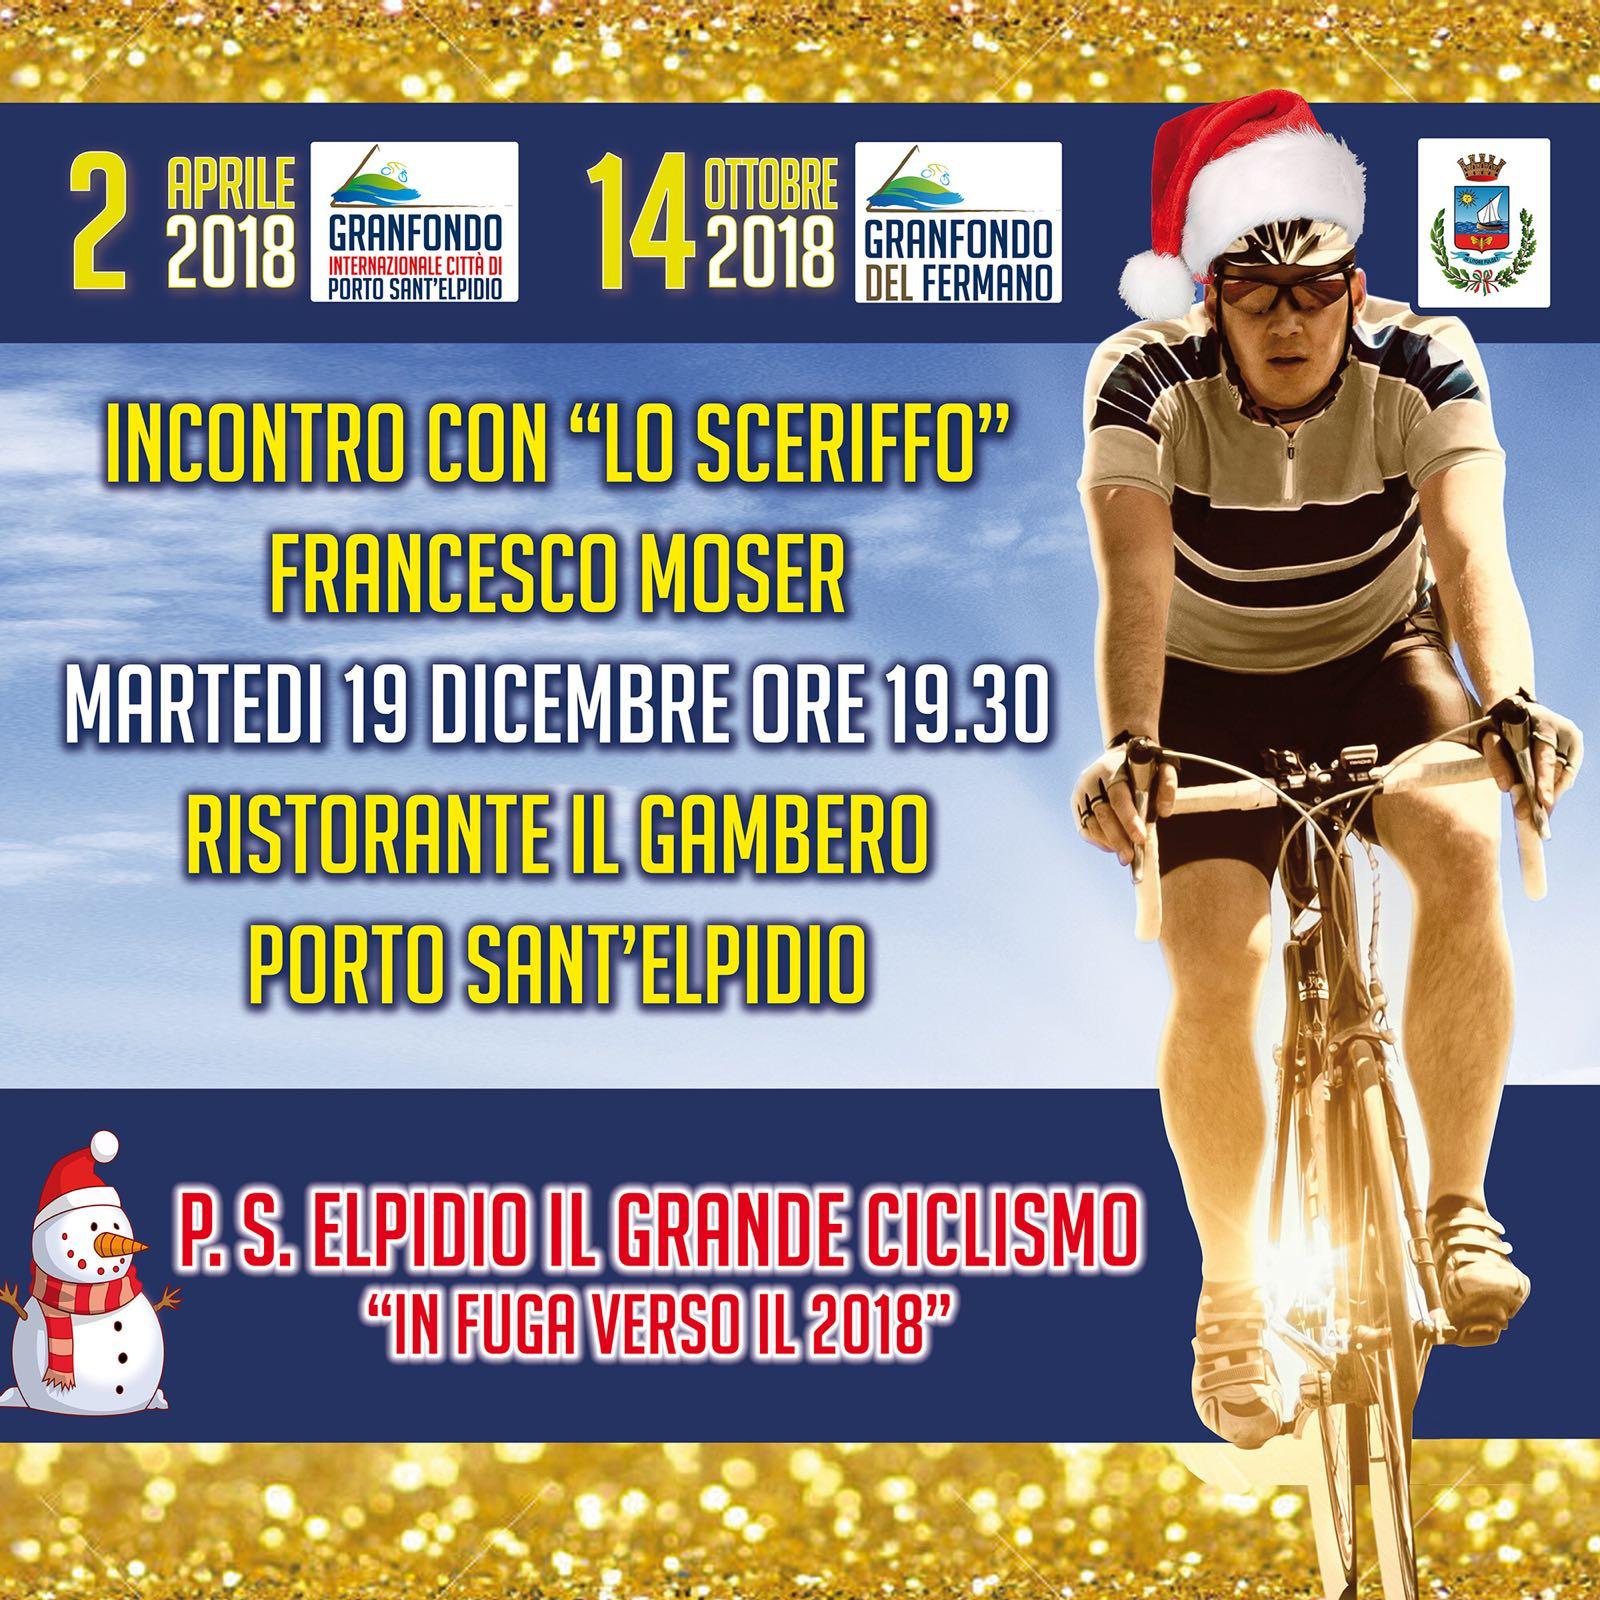 Locandina, Porto Sant'Elpidio, in fuga verso il 2018, incontro con Francesco Moser e tanto altro